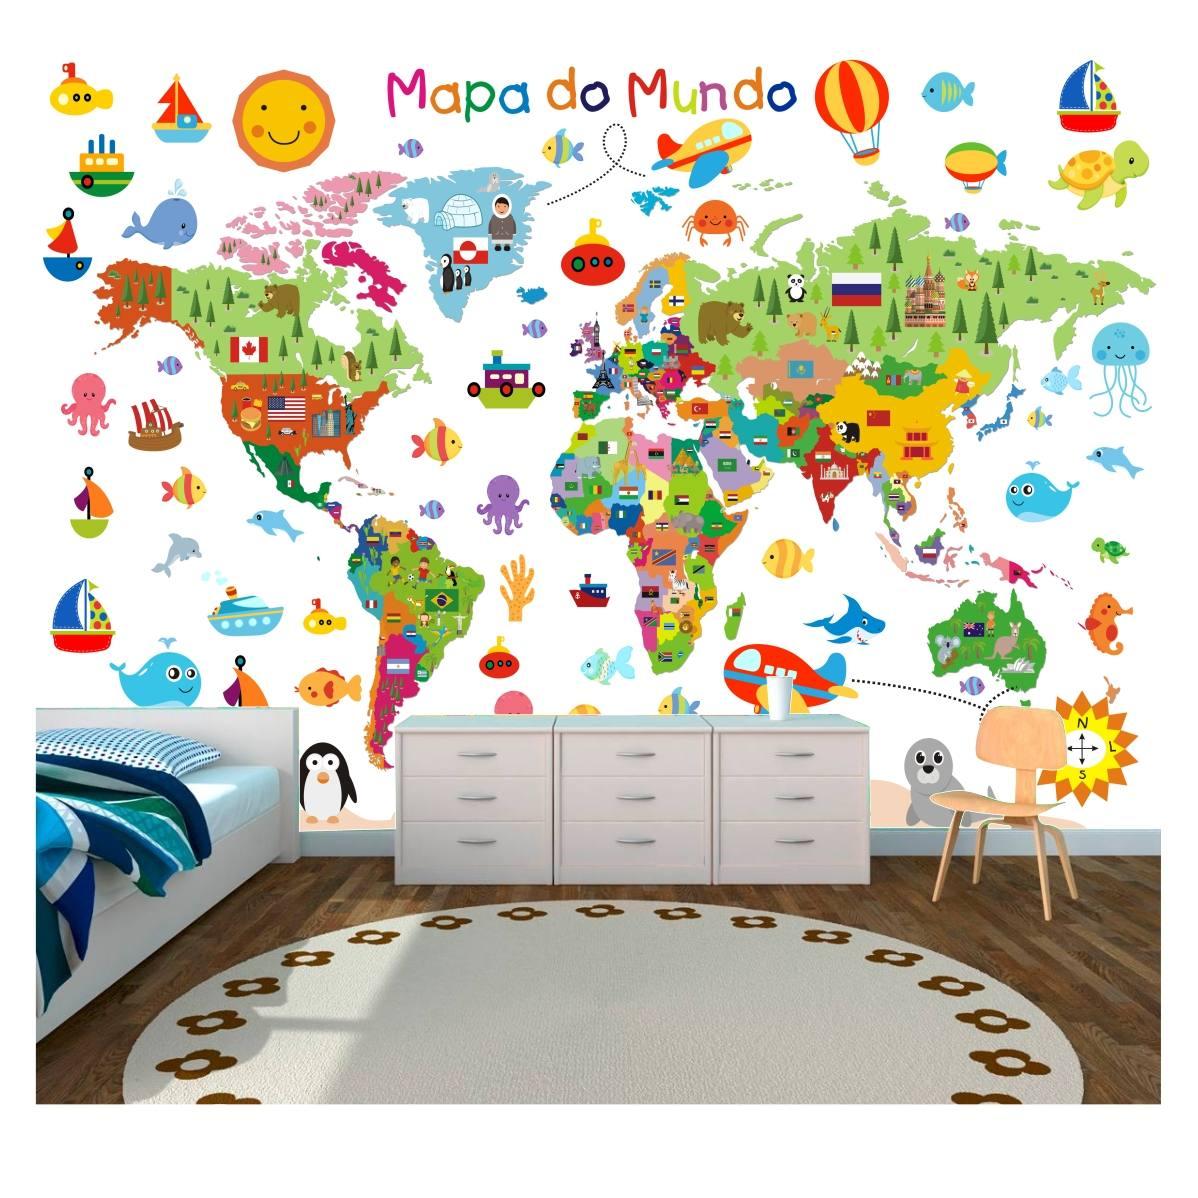 Artesanato Garrafa Pet Para O Natal ~ Adesivo Painel Mapa Mundi Infantil Papel De Parede Gg13 R$ 299,90 em Mercado Livre